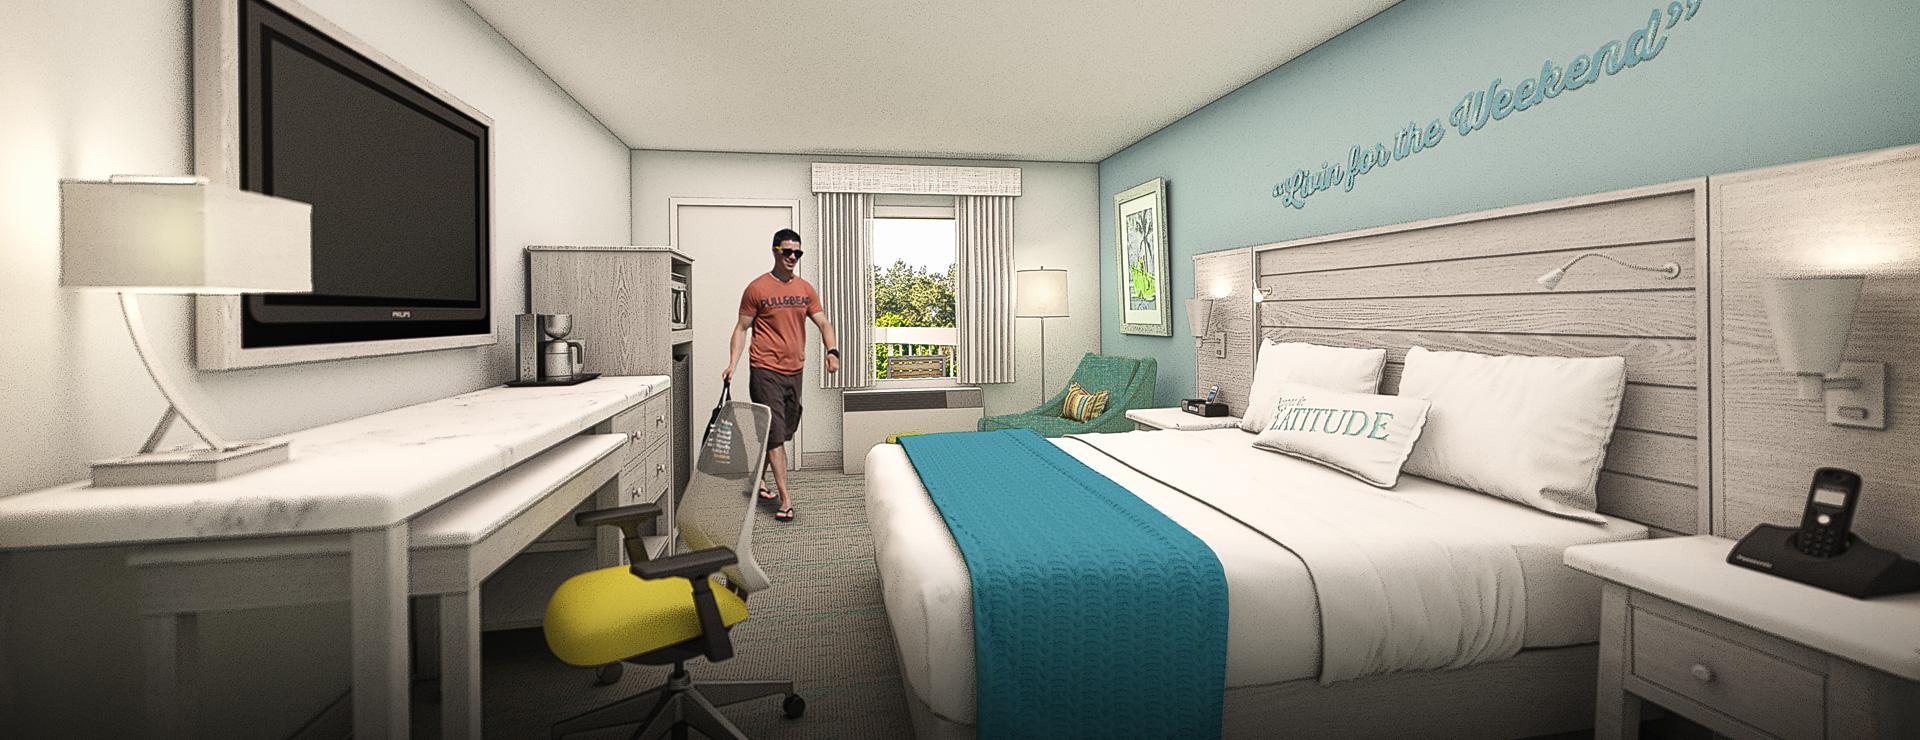 Rooms   Margaritaville Island Inn